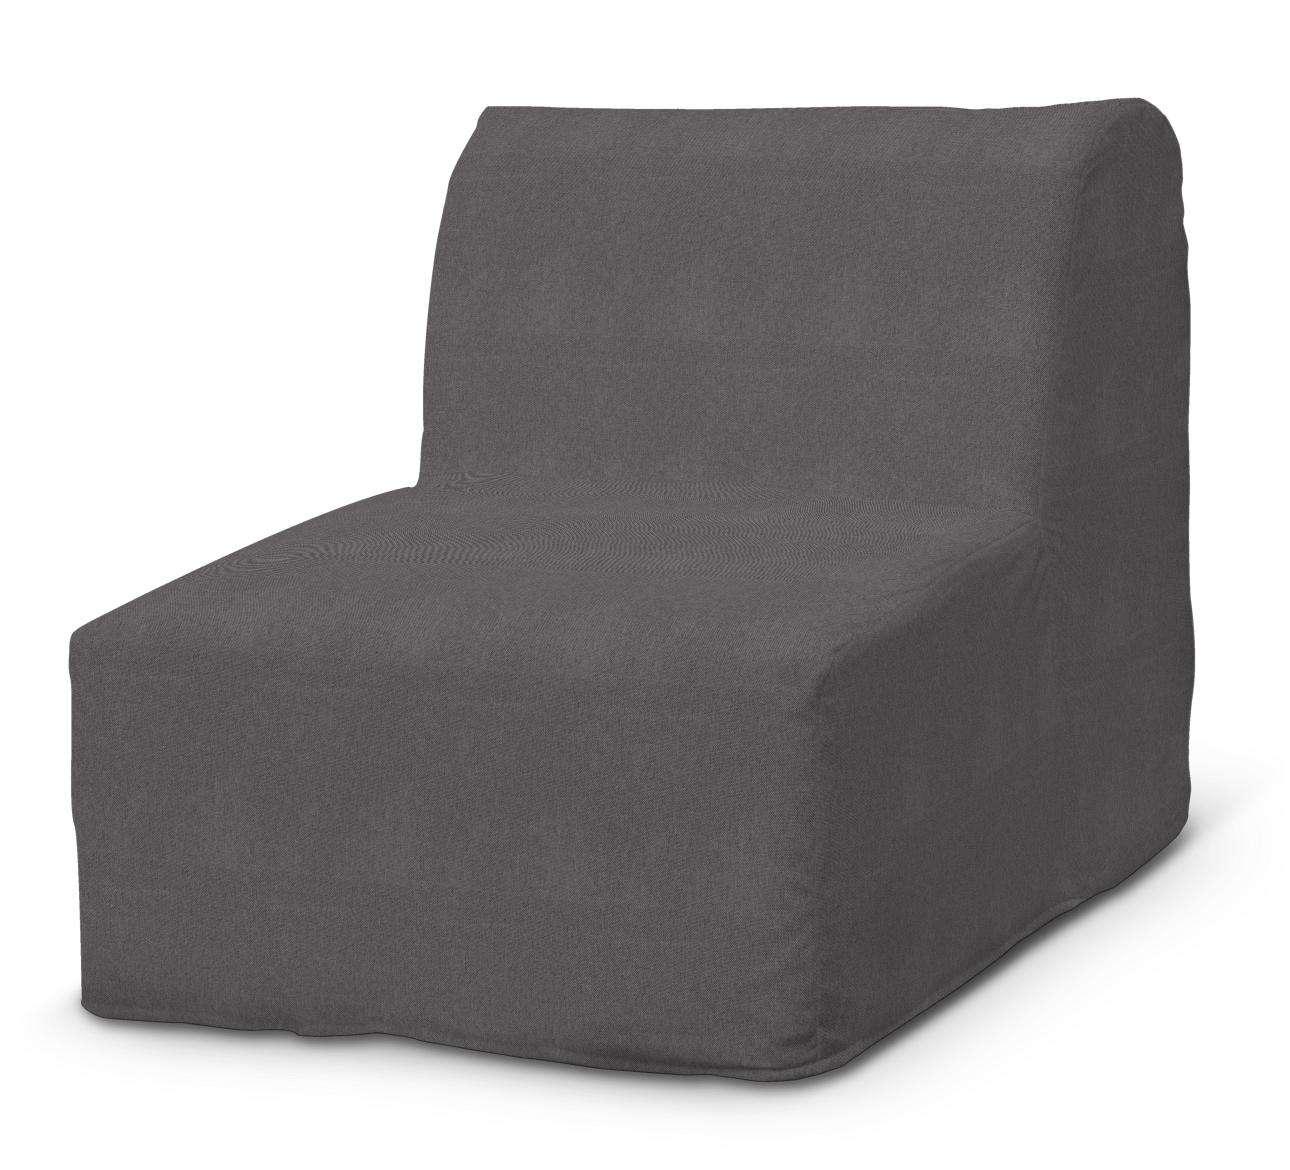 Lycksele Sesselbezug fotel Lycksele von der Kollektion Etna, Stoff: 705-35